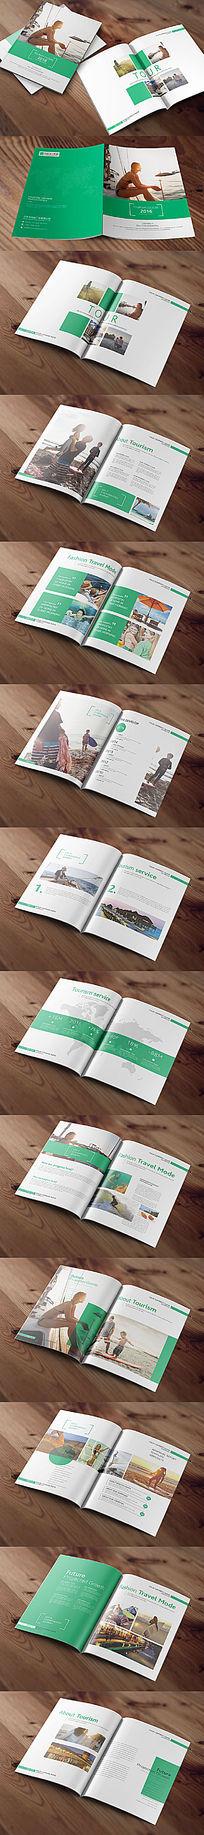 绿色个性旅游画册